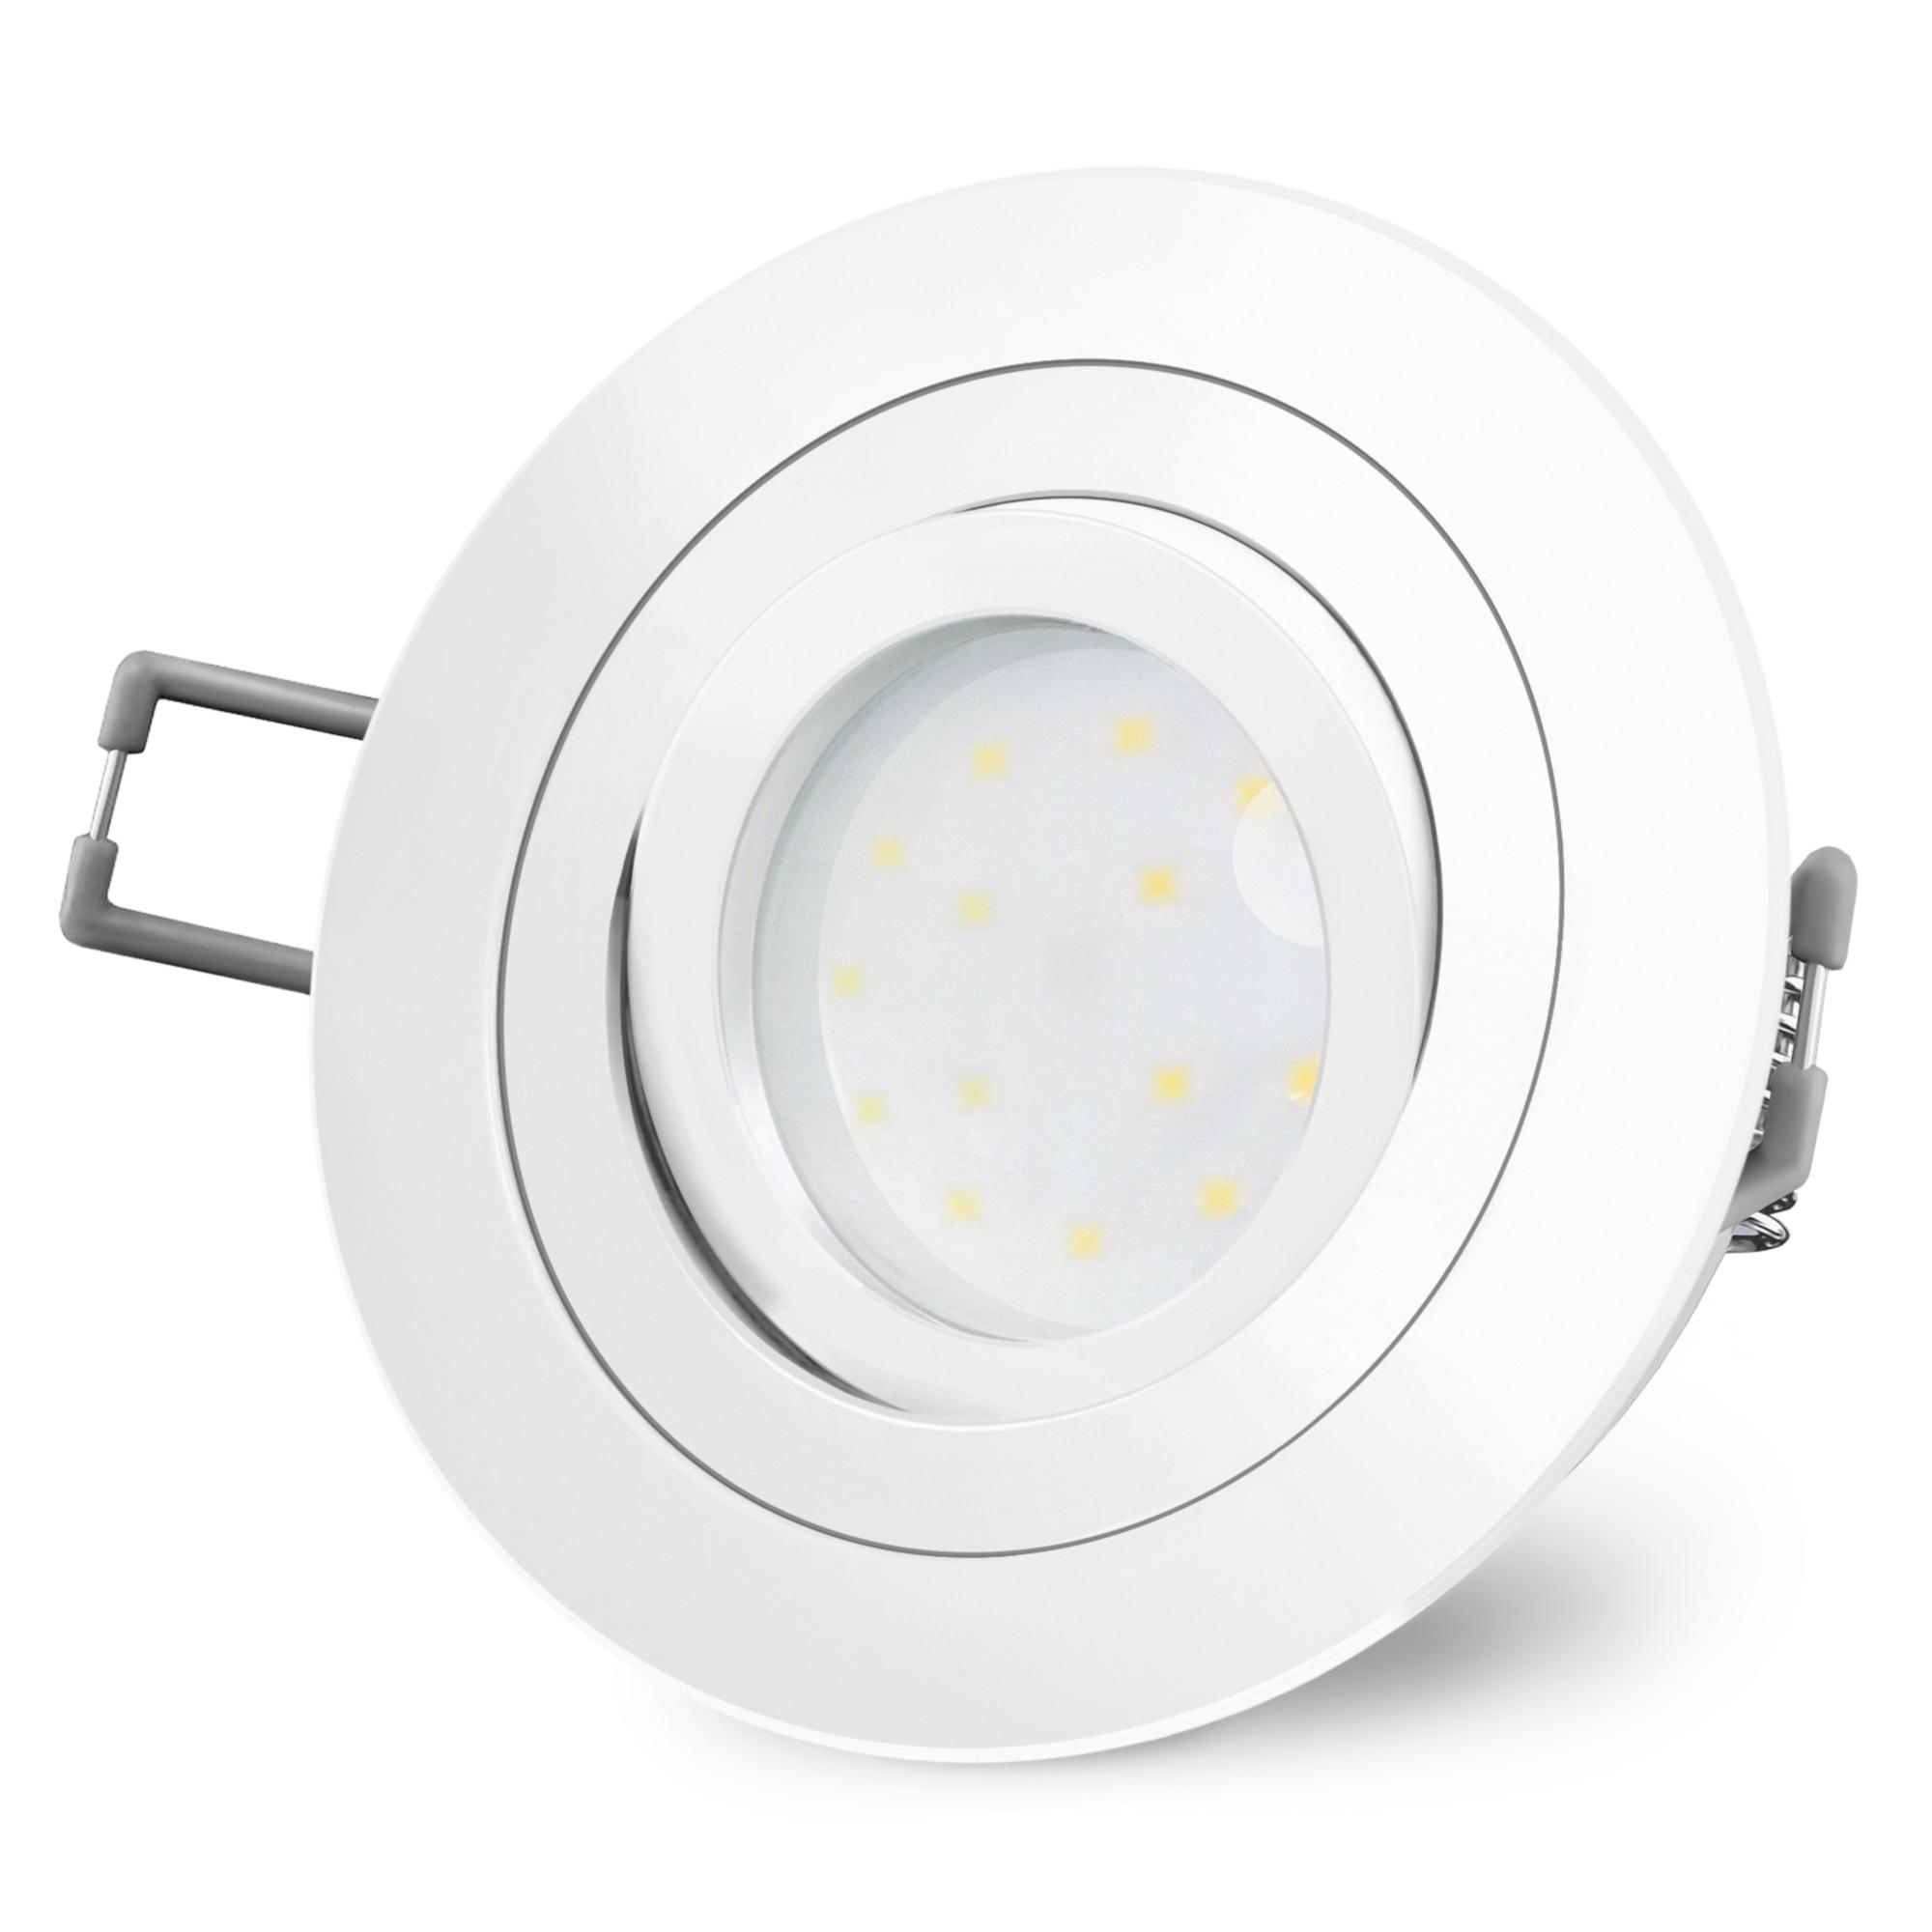 5 x flach LED Badleuchten Decken-Einbaustrahler Einbauspots IP44 warmweiß 230V